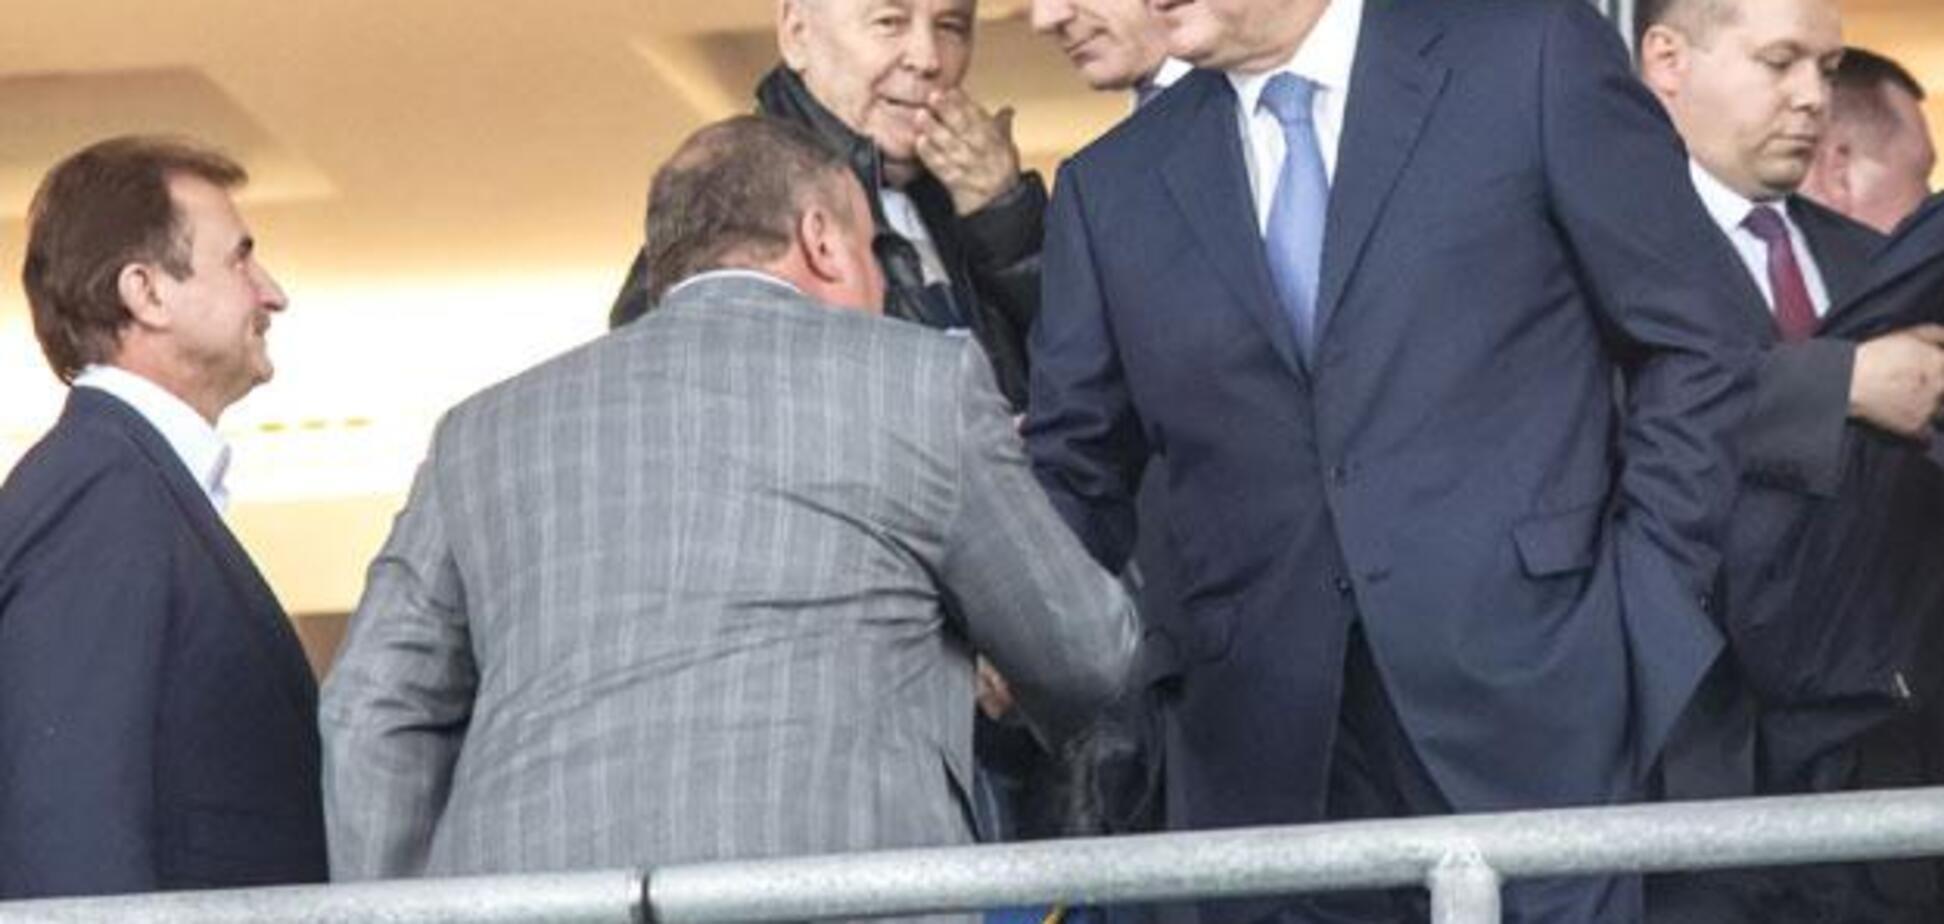 Поруч із Медведєвим: Януковича засікли на матчі Росія - Іспанія